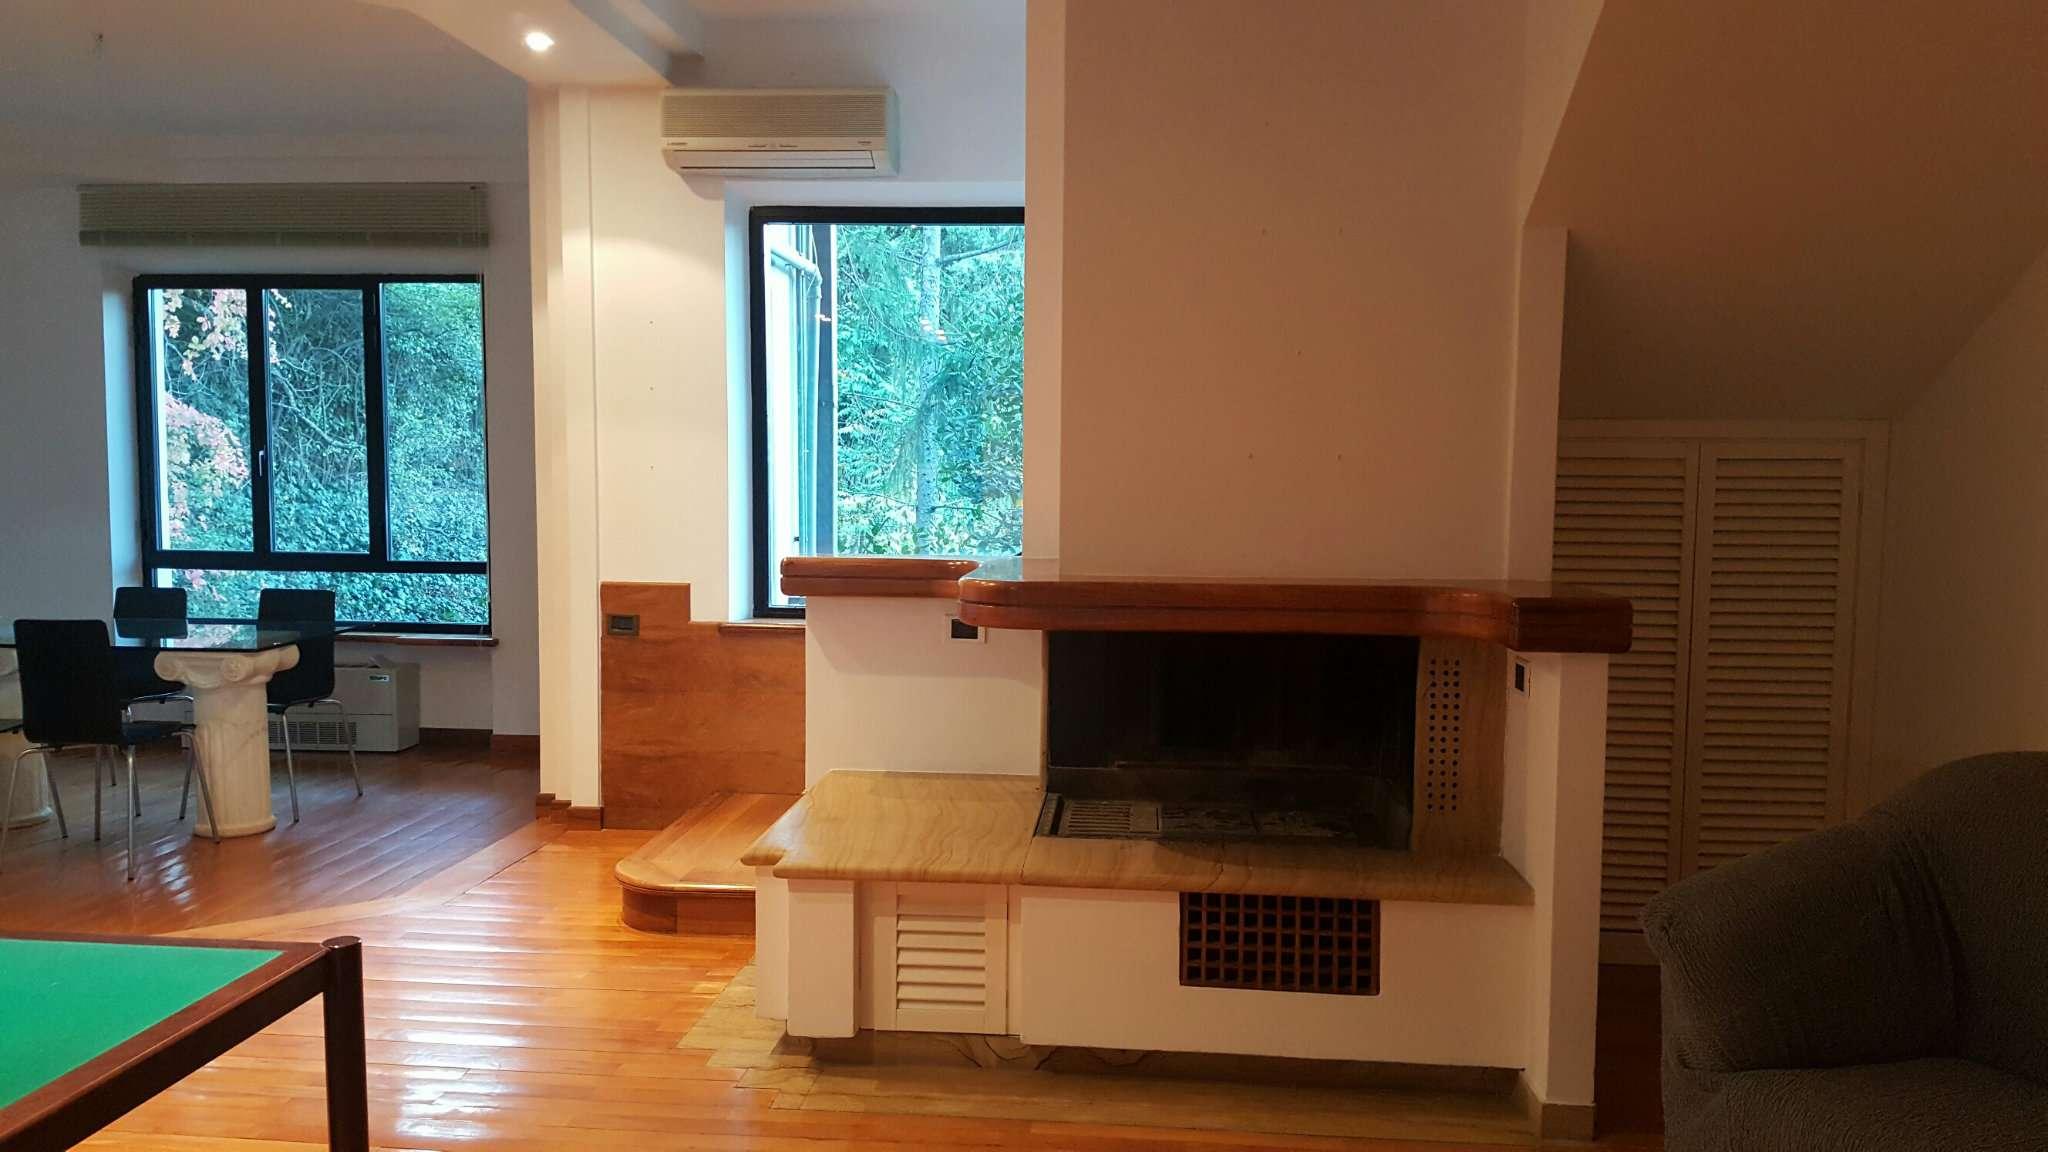 Appartamento in vendita a Macerata, 5 locali, prezzo € 210.000 | PortaleAgenzieImmobiliari.it